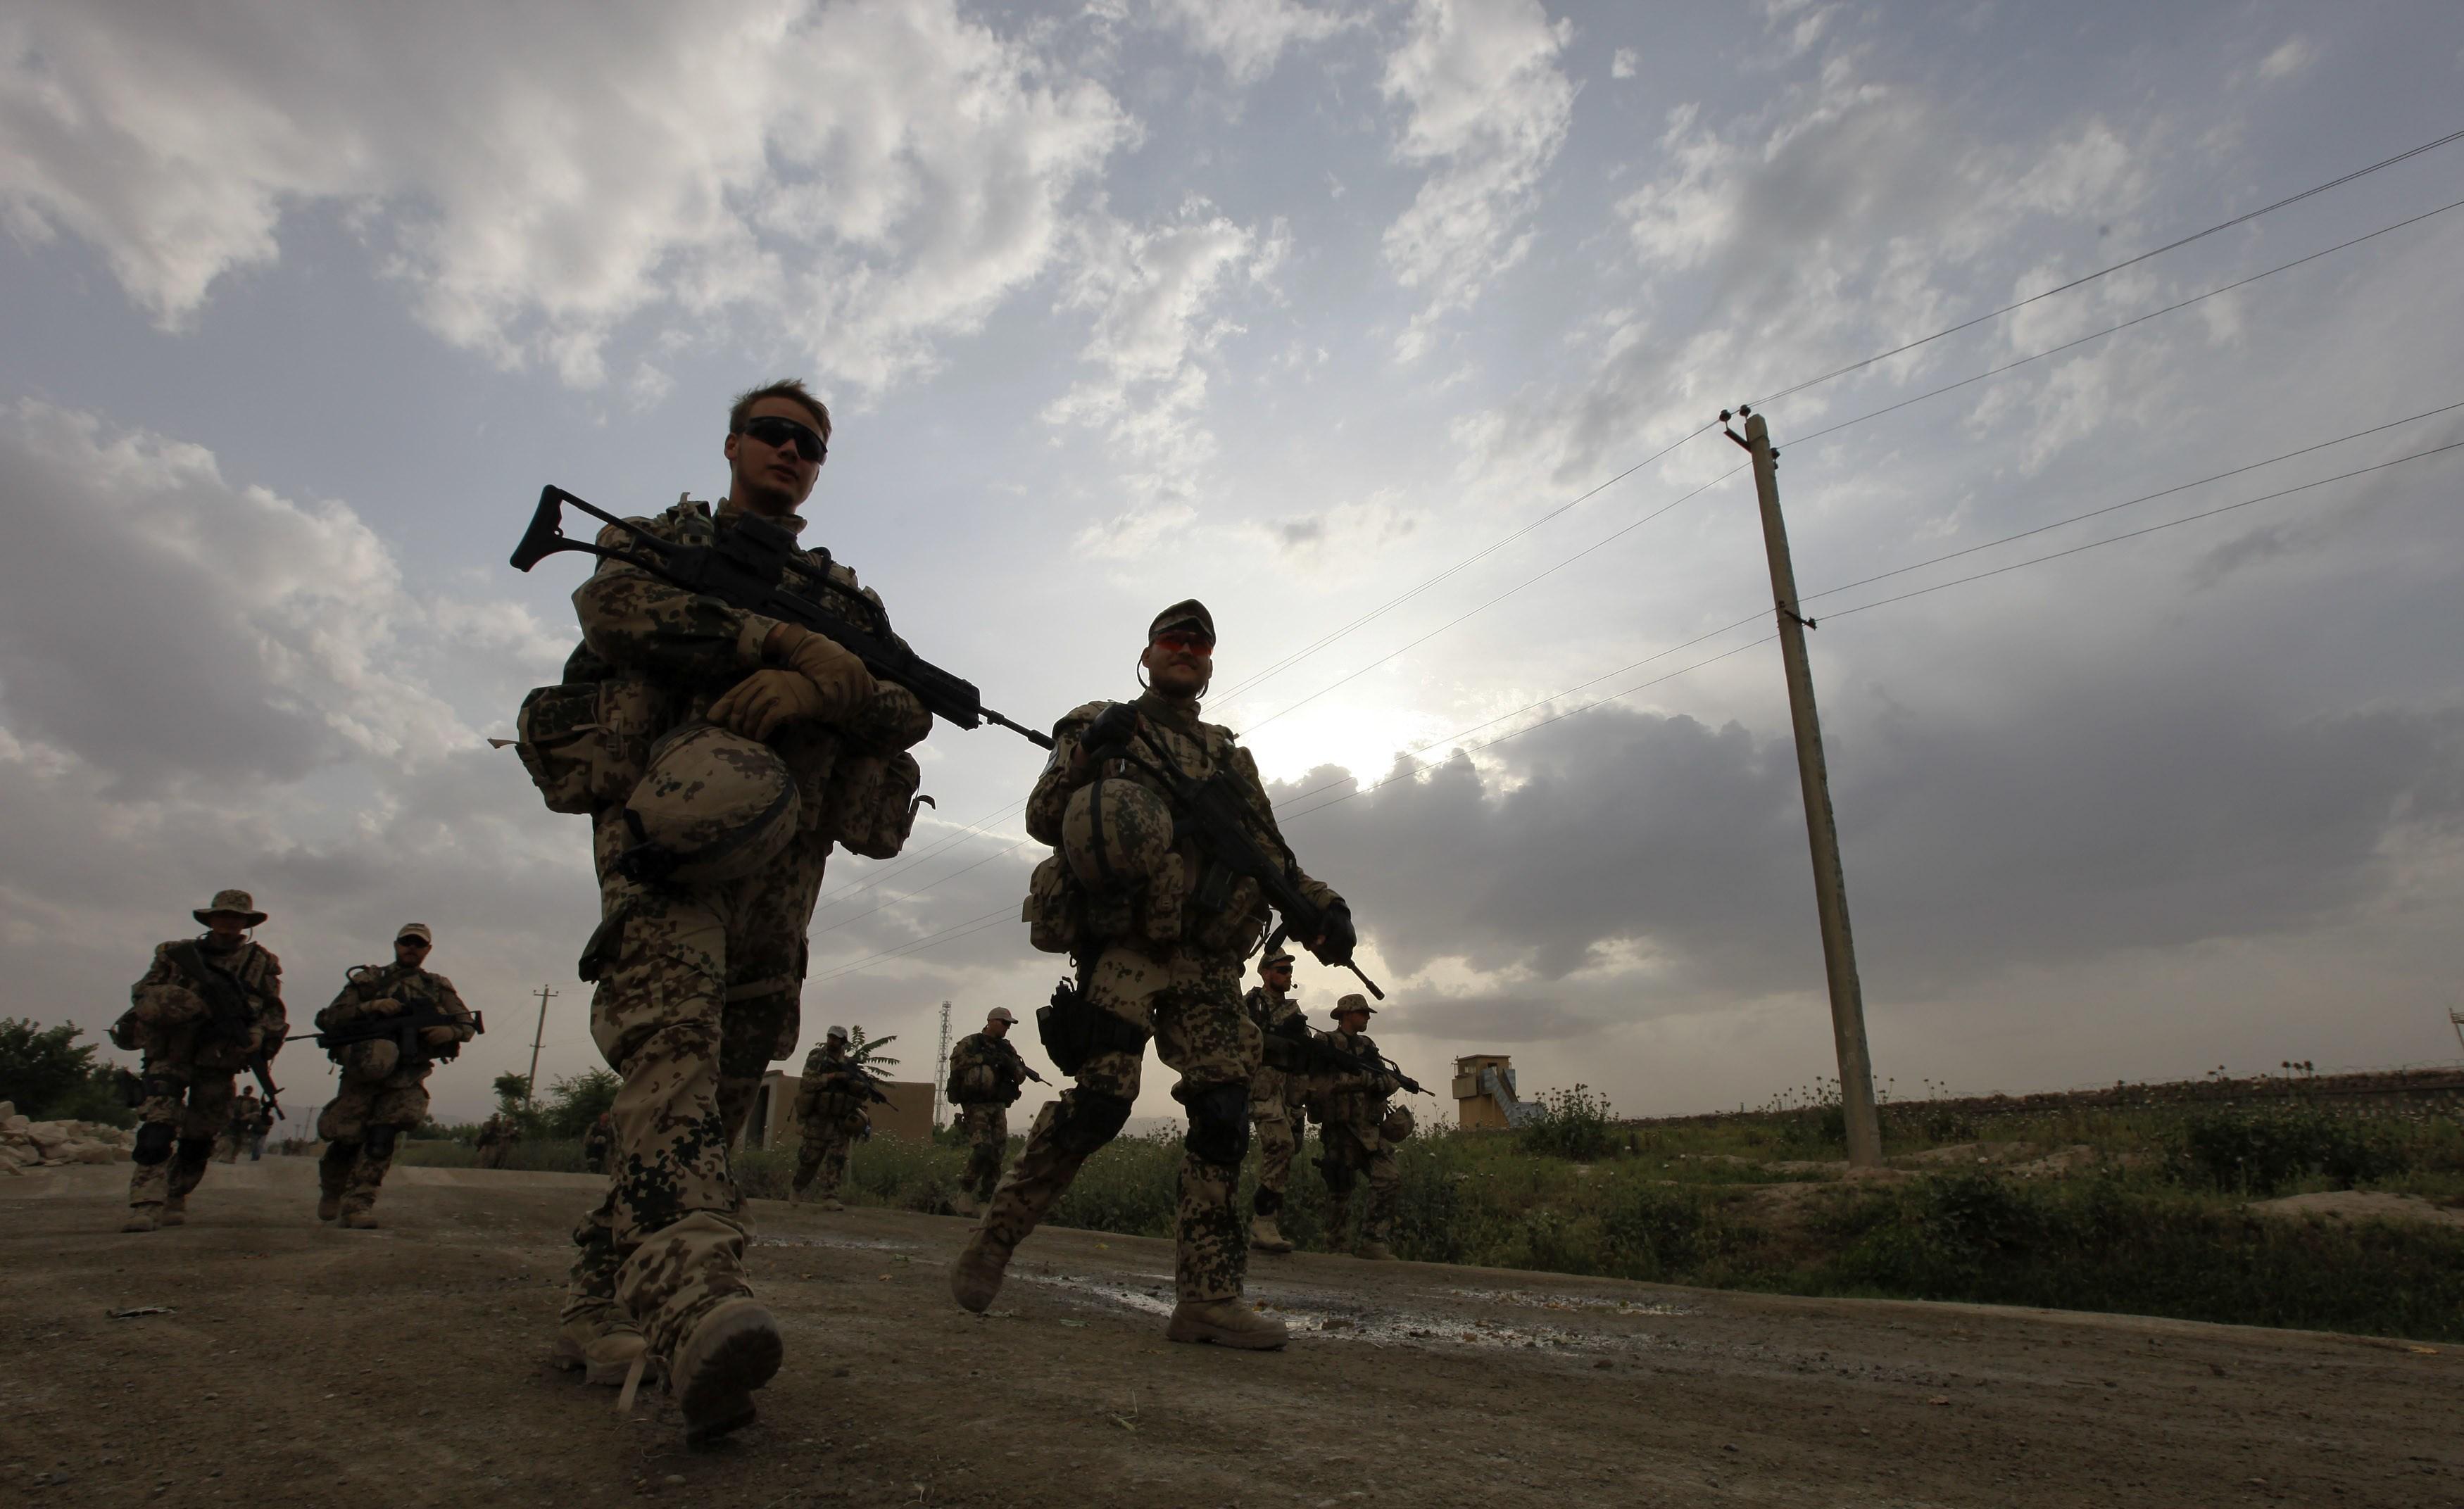 Γερμανία: Αποσύρει τα στρατεύματά της από το Αφγανιστάν από τις 4 Ιουλίου